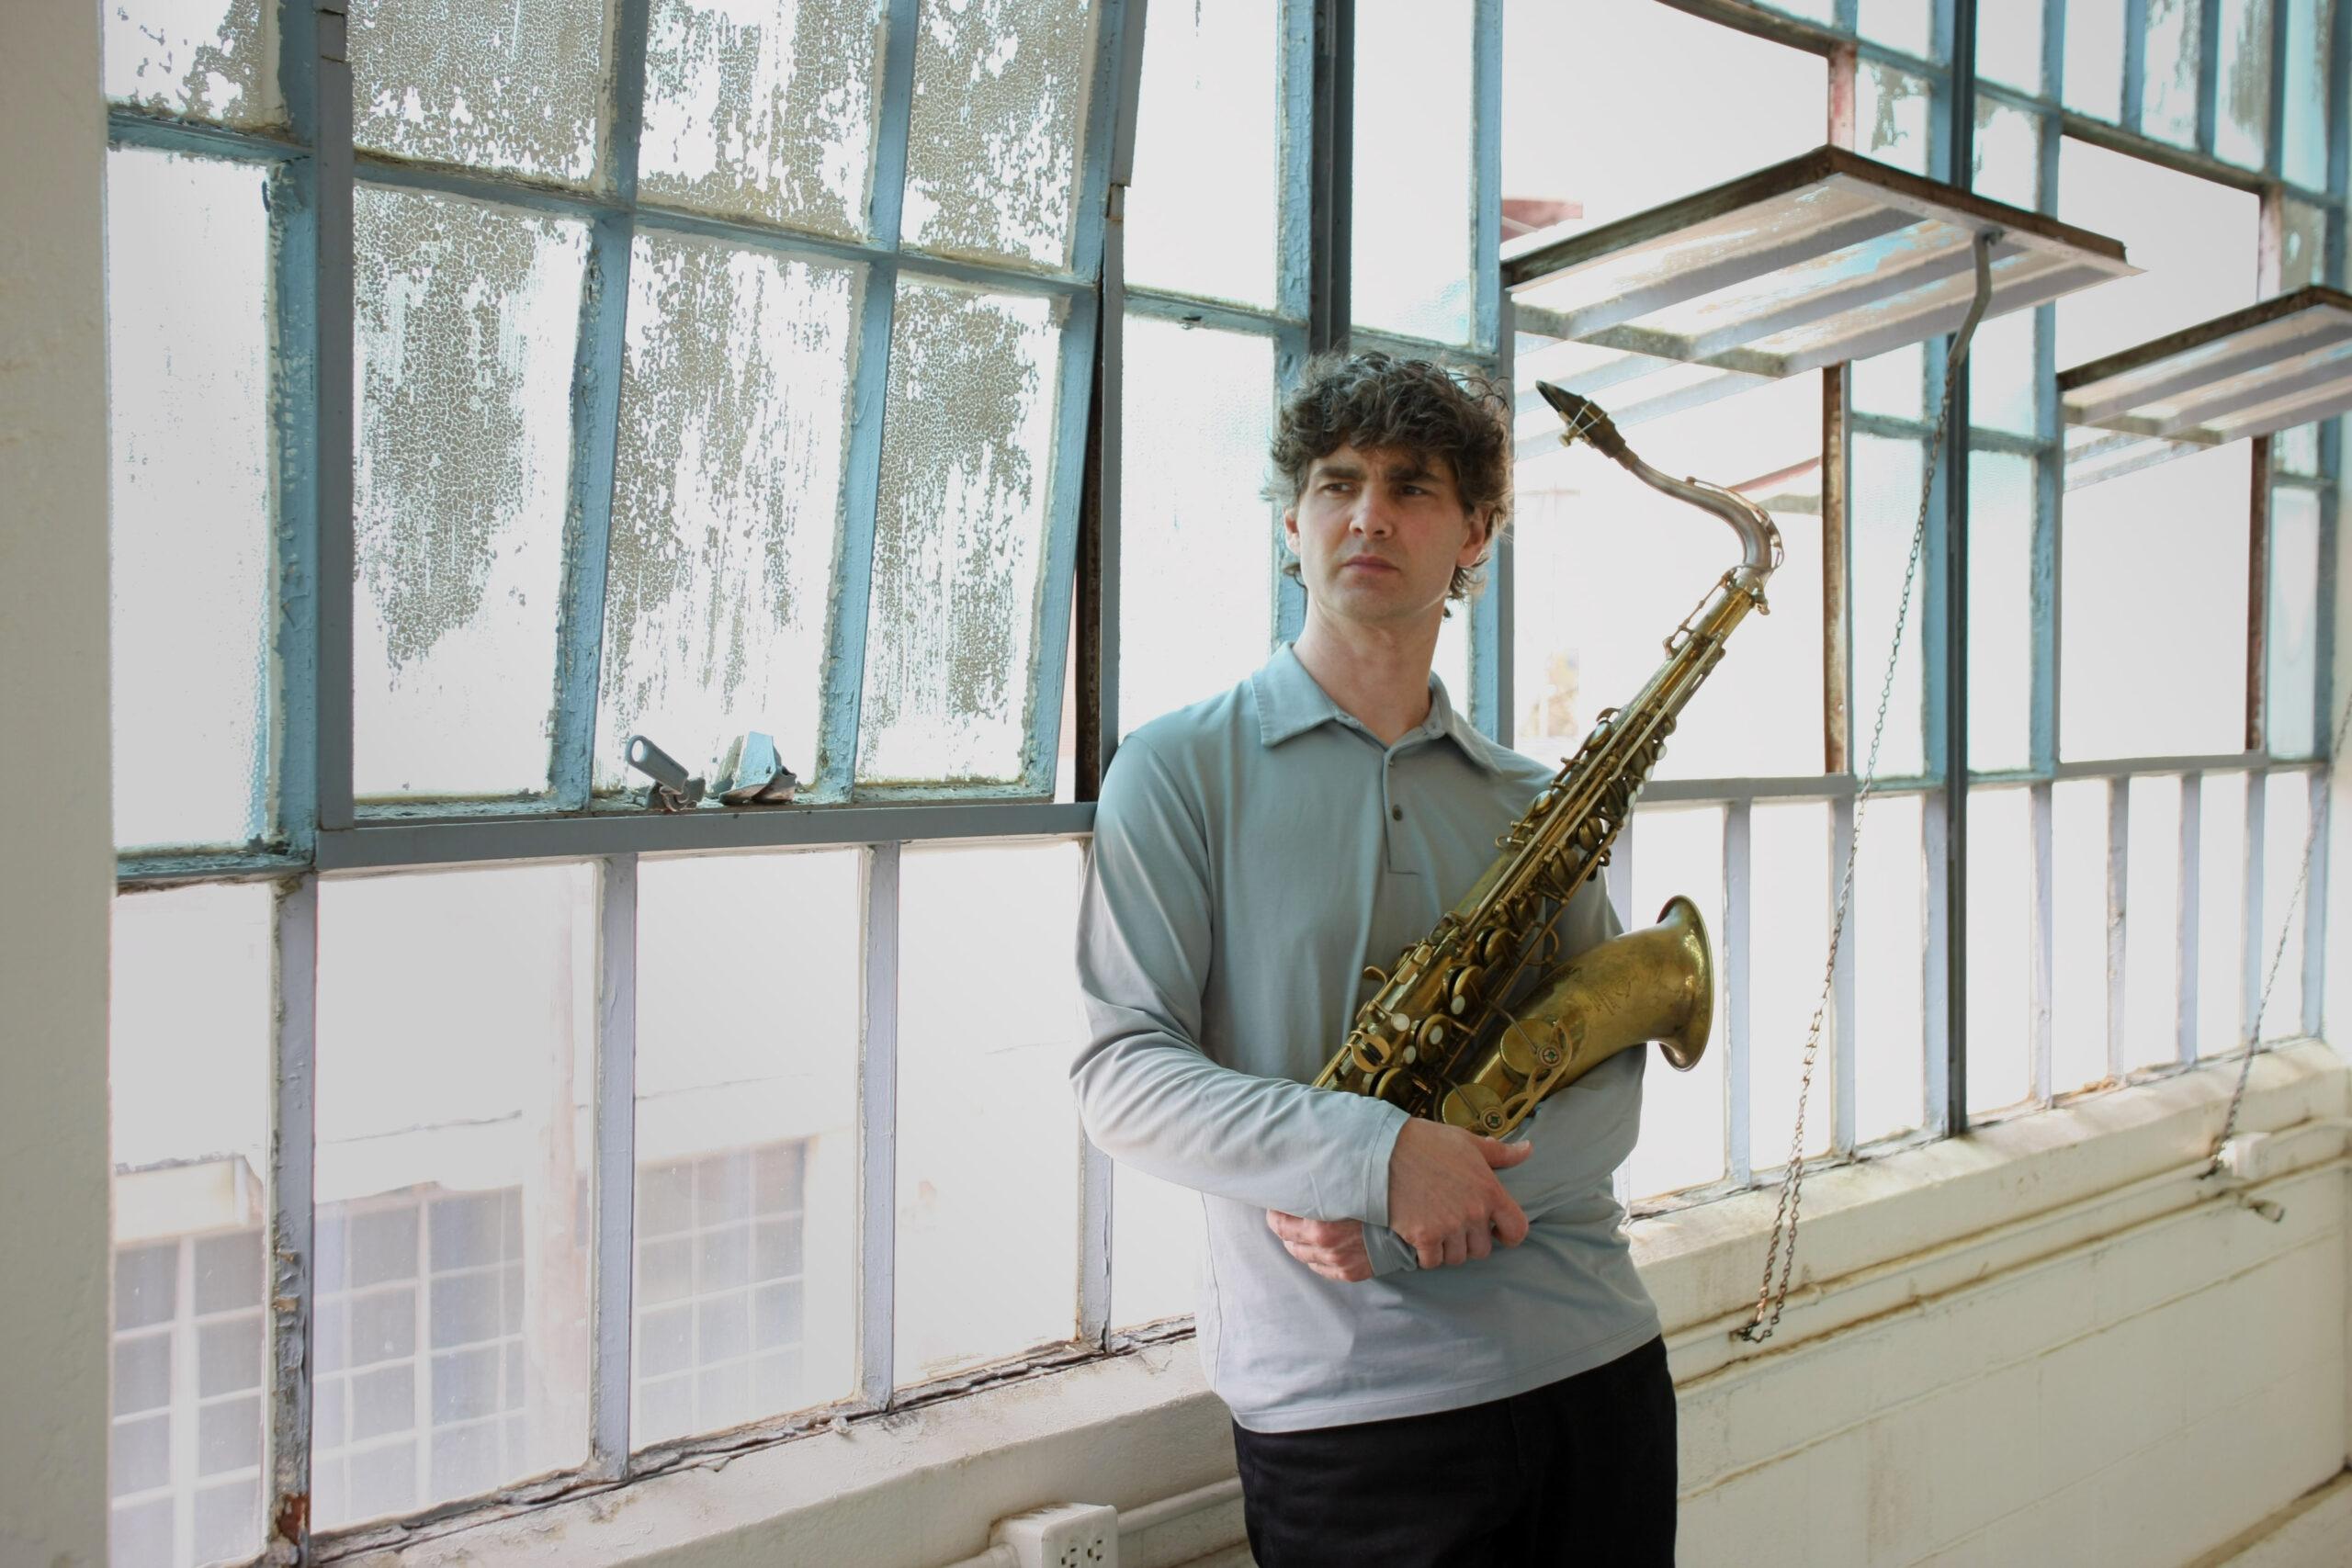 Andrew Rathbun